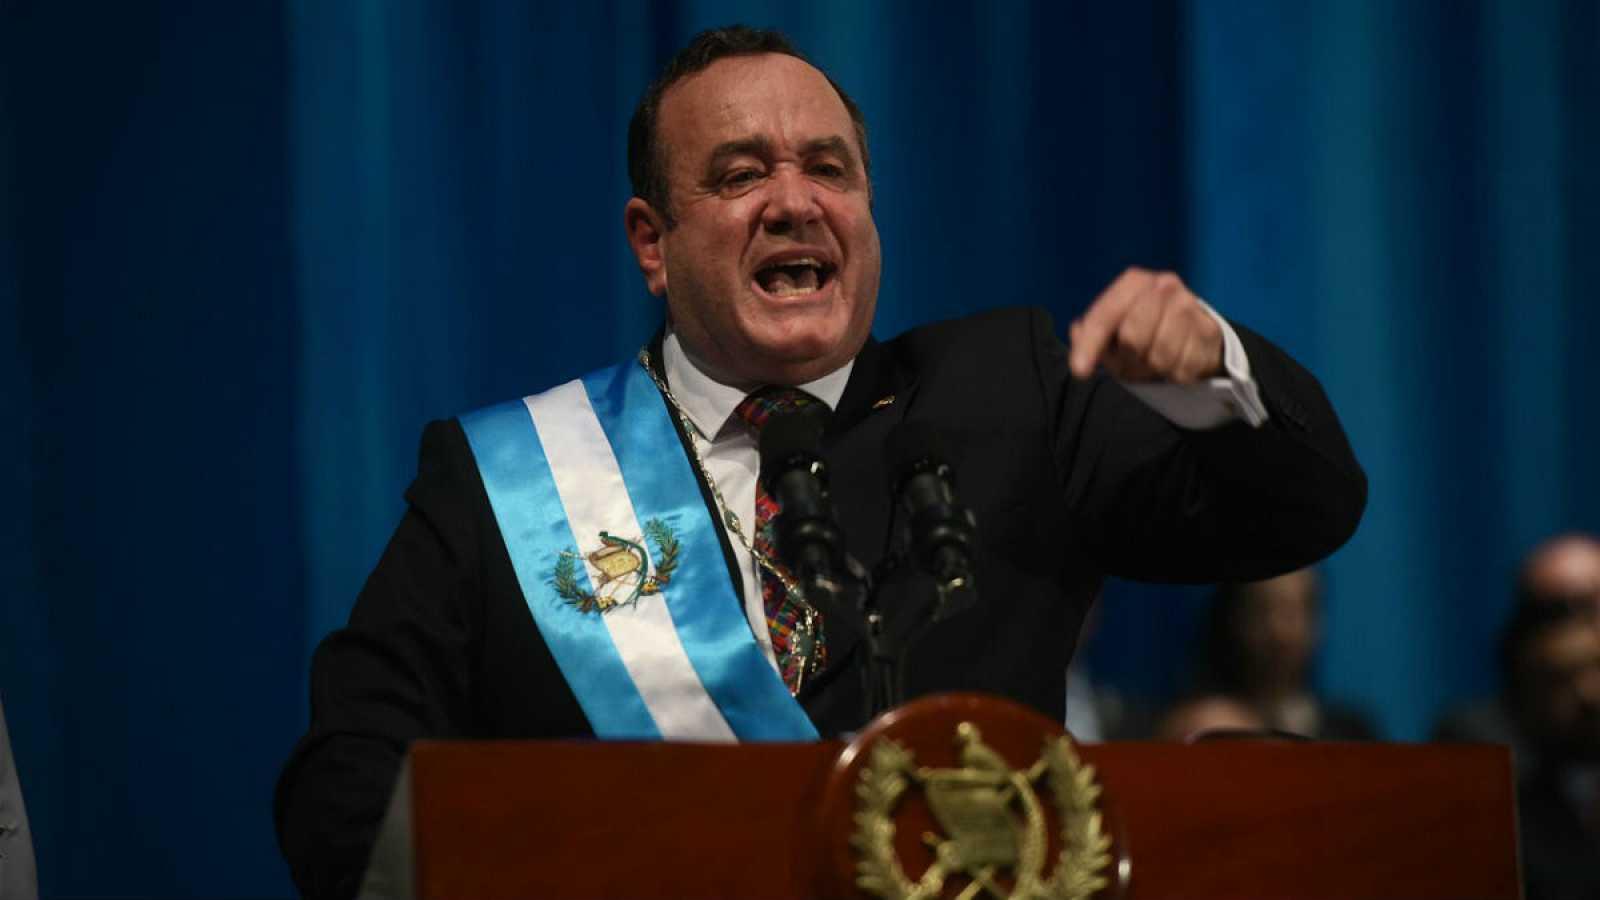 El nuevo mandatario guatemalteco ha dado su discurso como líder tras ser investido en el teatro nacional de Guatemala.